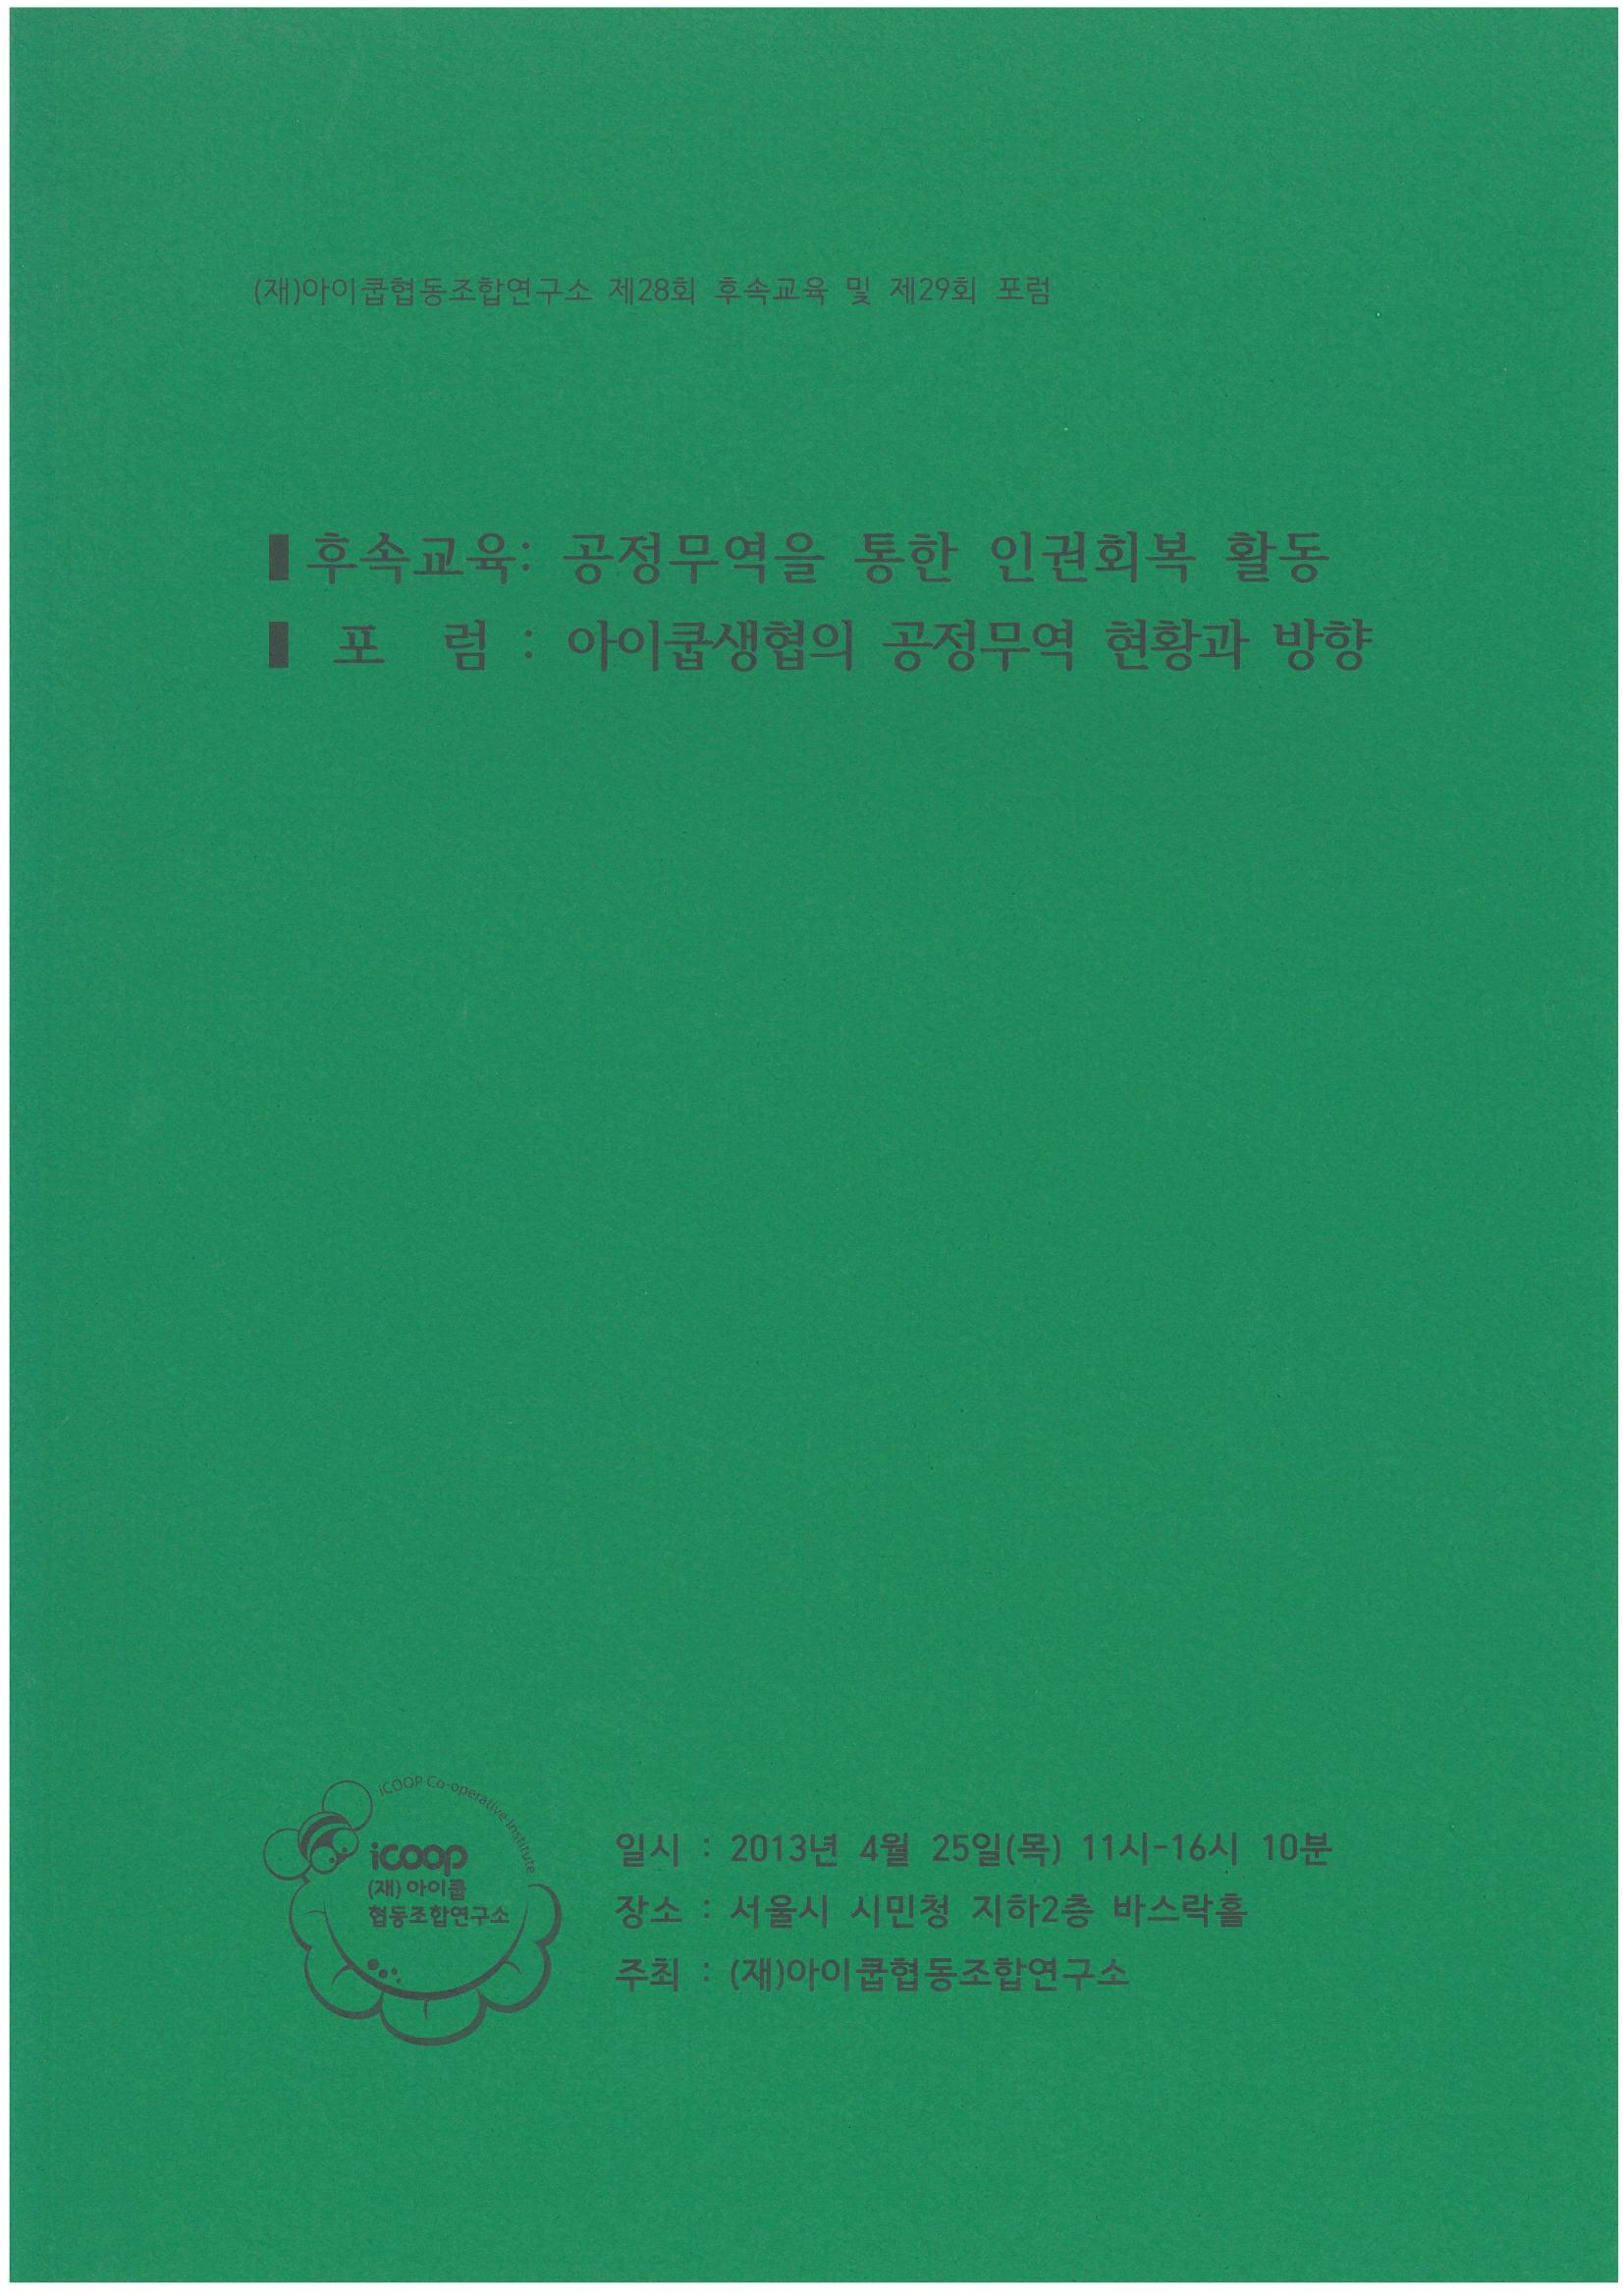 125_(제29회 포럼 자료집) 『iCOOP생협의 공정무역 현황과 방향』_표지.jpg